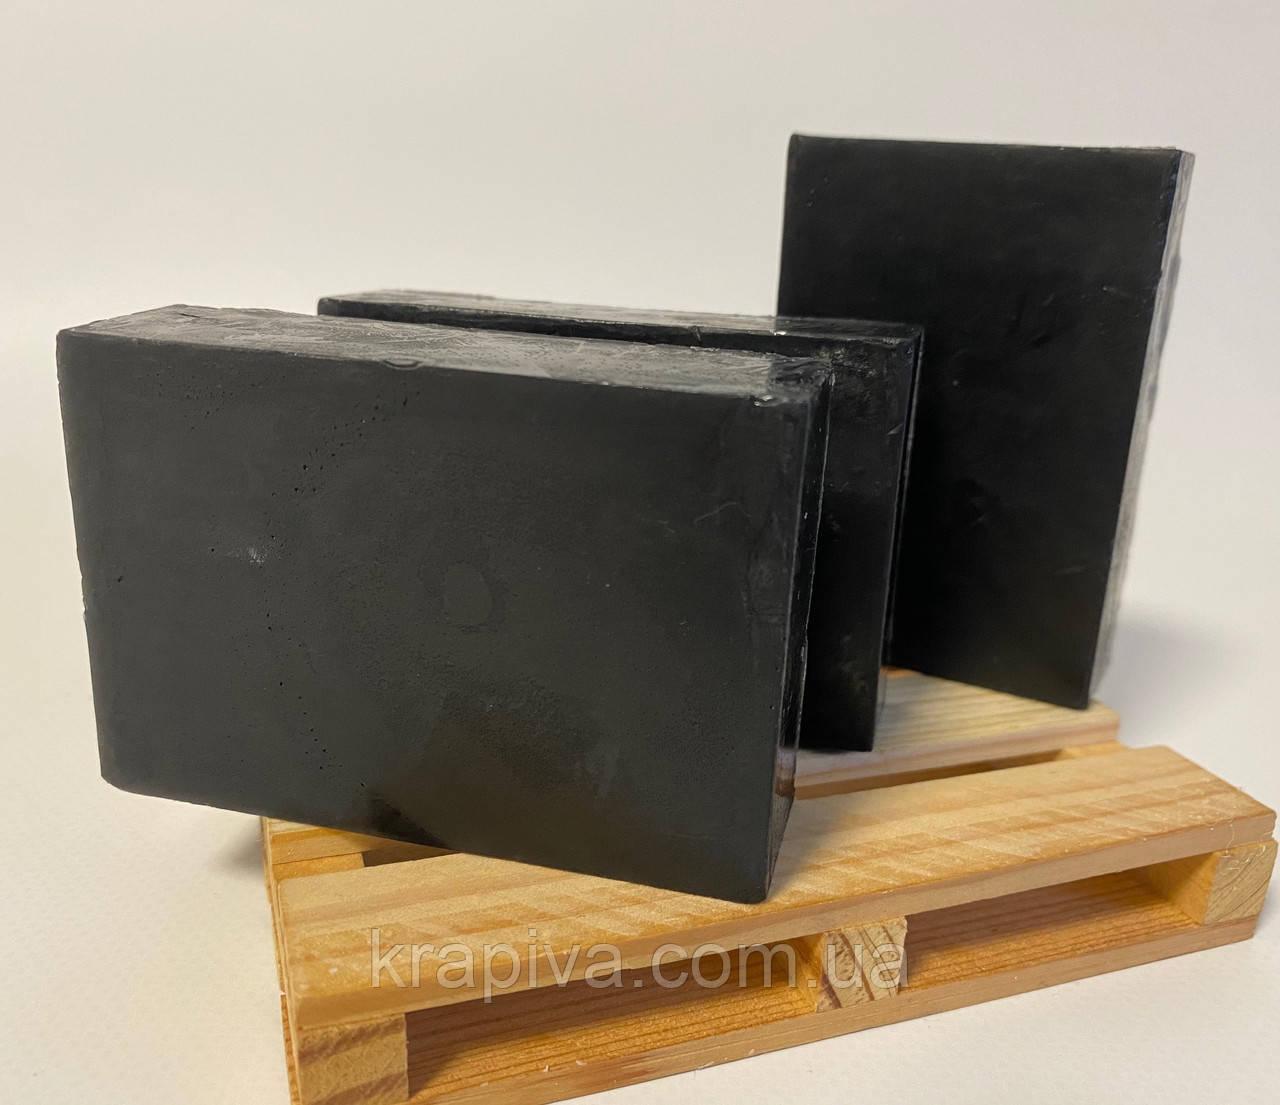 Натуральное мыло ручной работы Черный уголь и Розмарин 100, натуральне мило ручної роботи Чорне вугілля